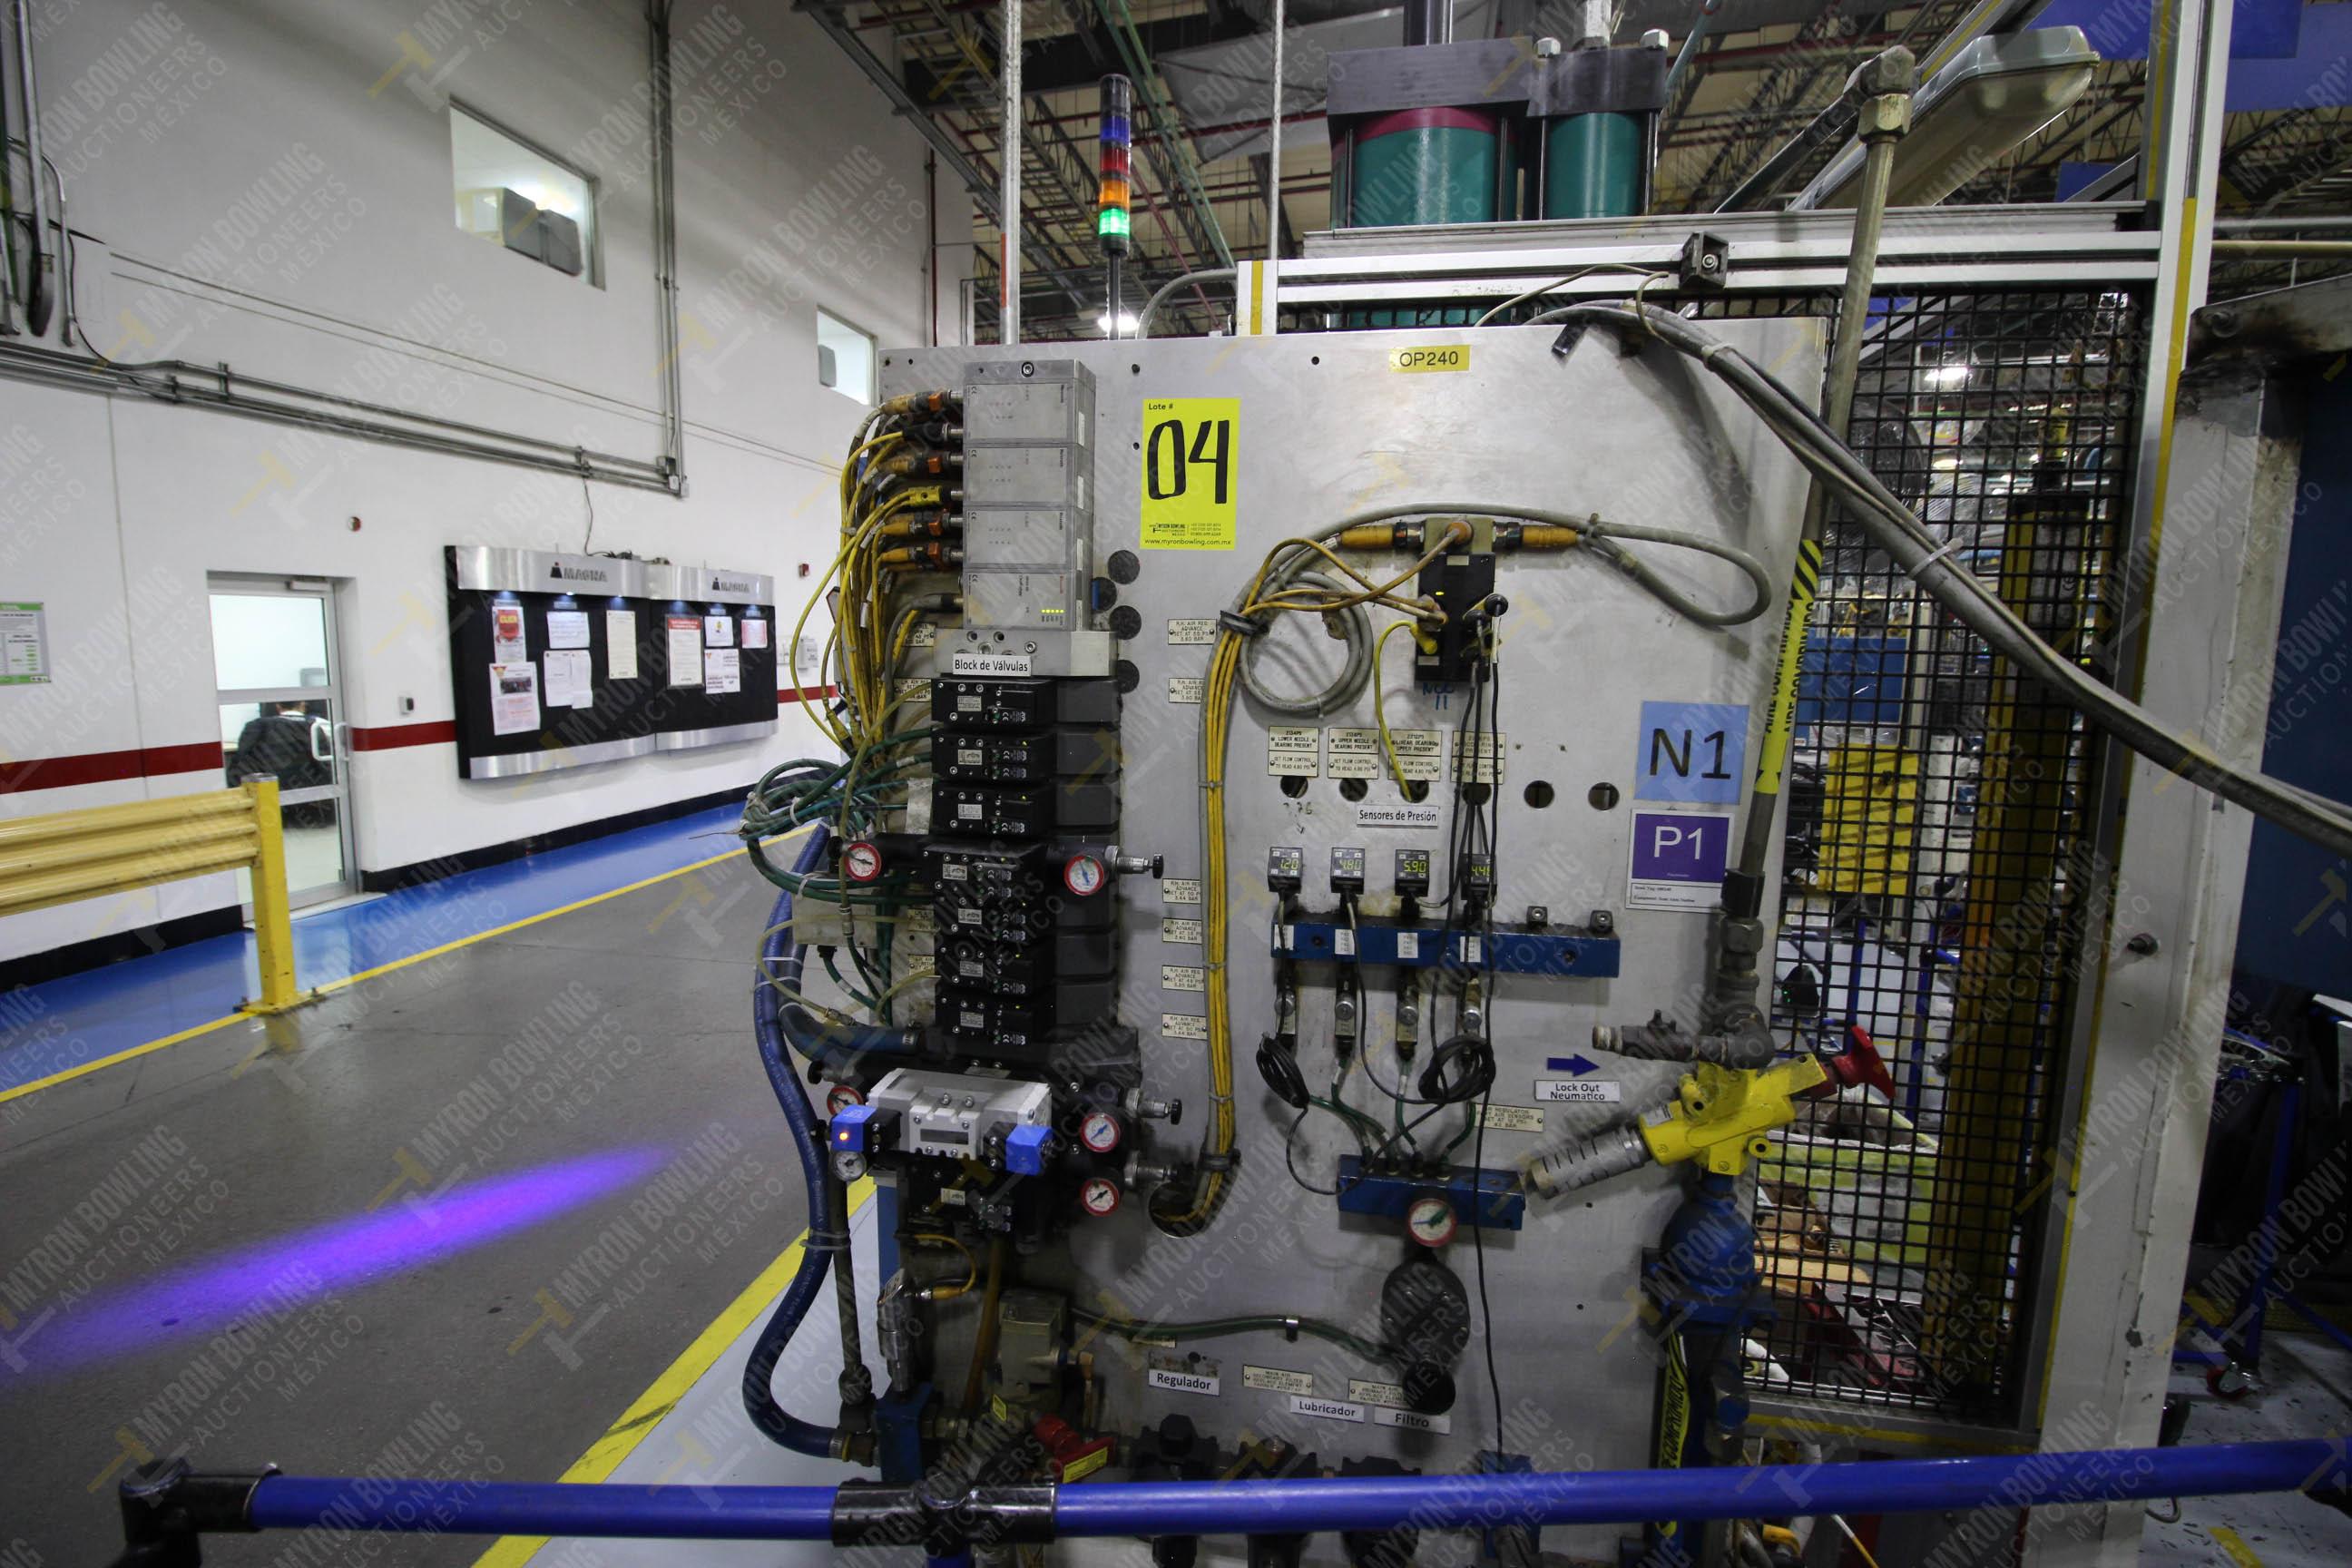 Estación semiautomática para operación 240A de ensamble de balero - Image 10 of 29